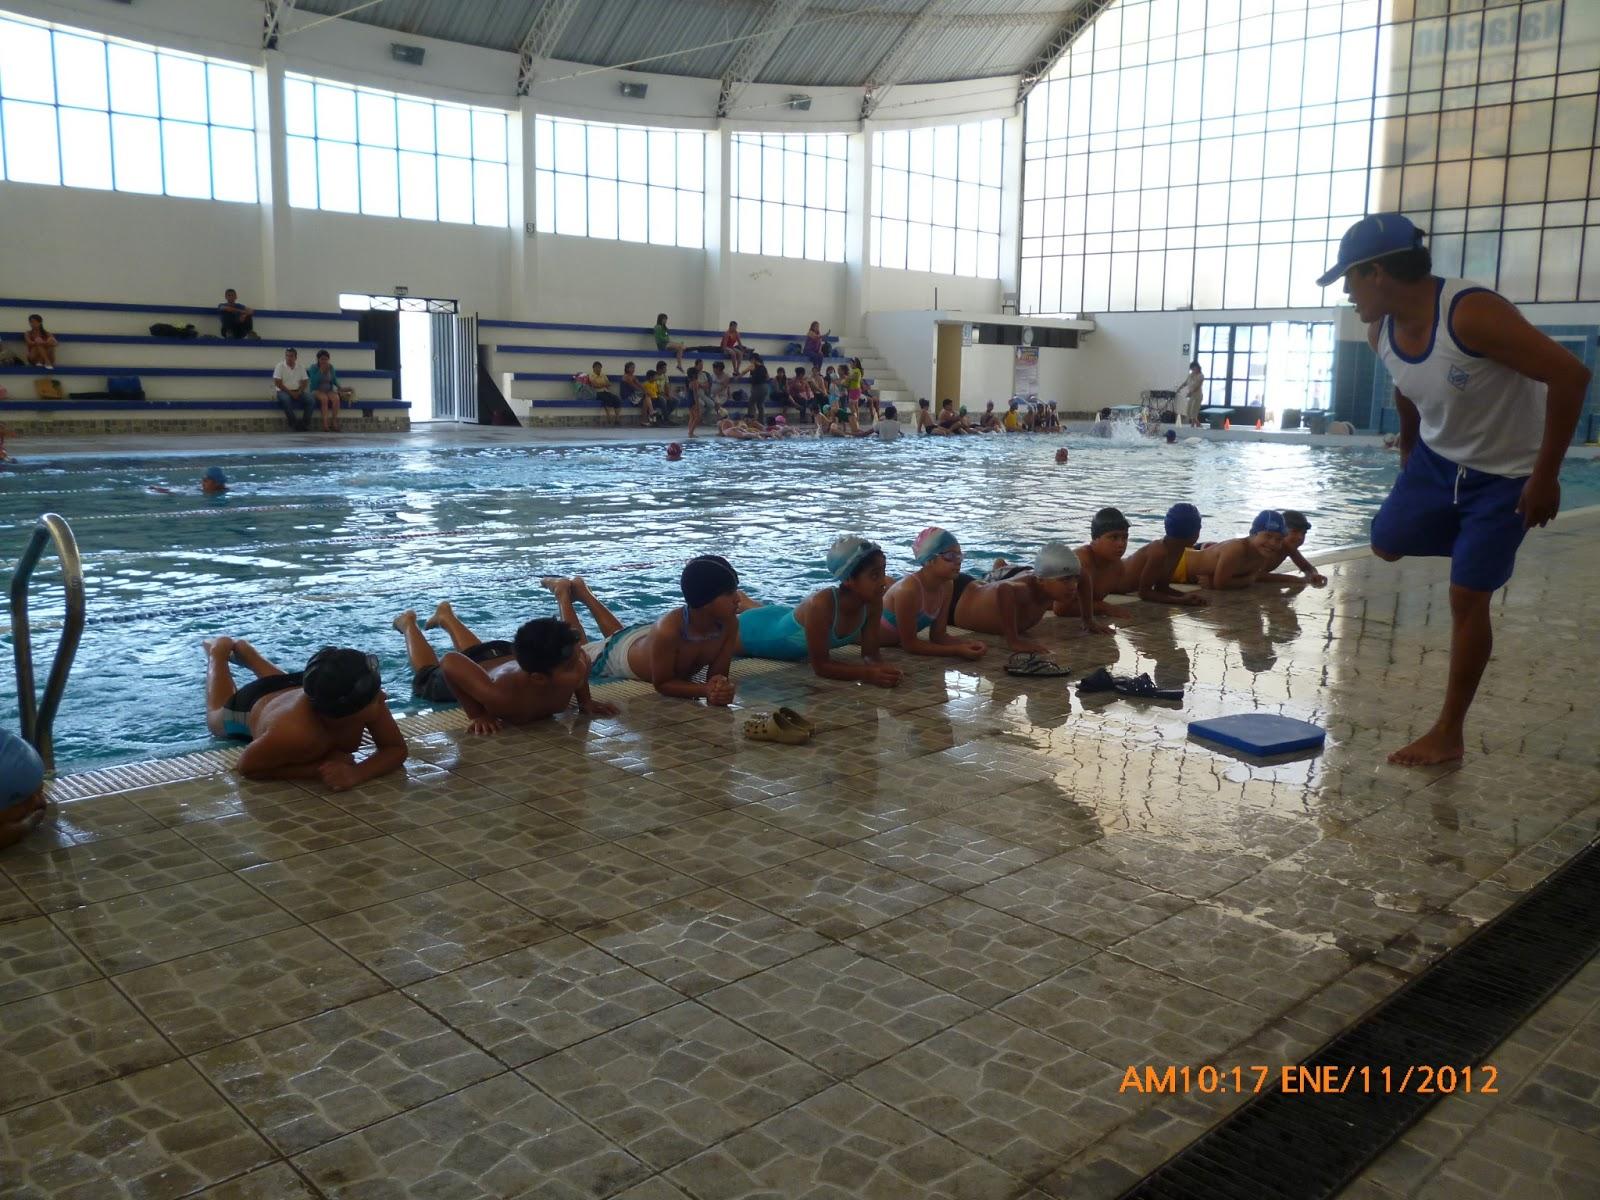 Educaci n f sica metodolog a de la ense anza de la nataci n for Ejercicios espalda piscina